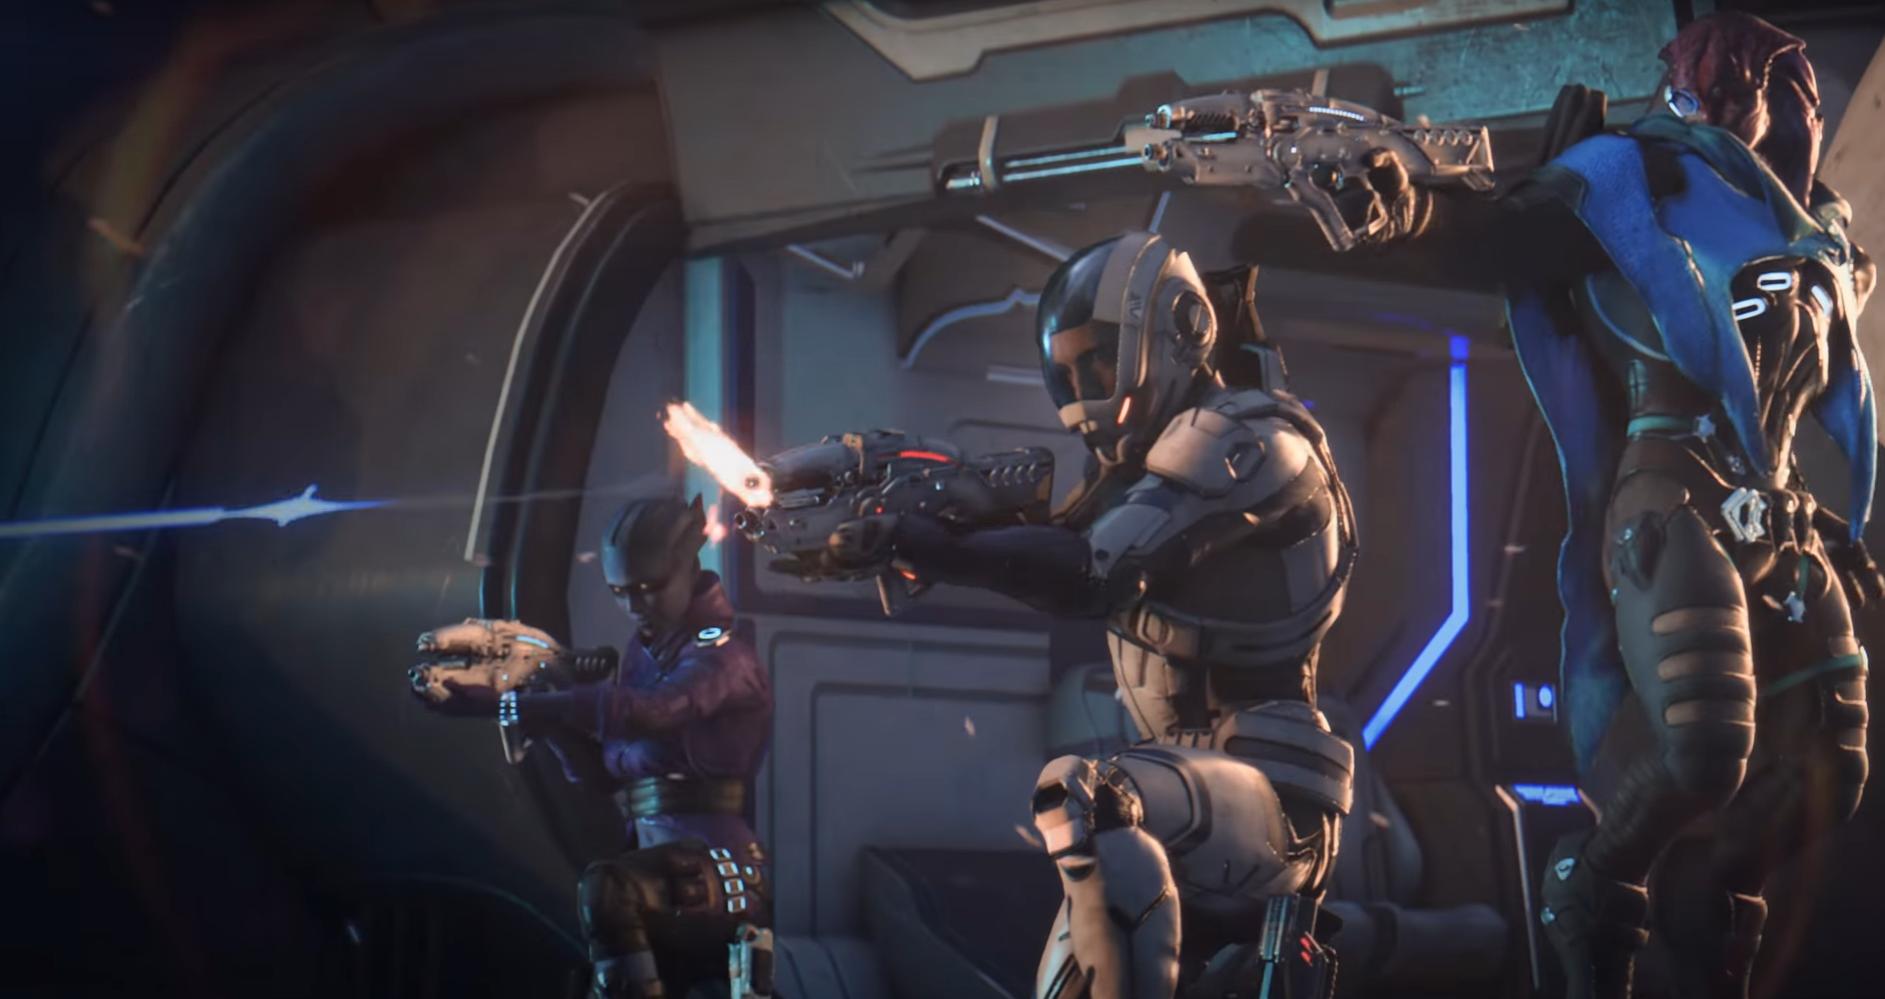 """Cómo jugar Mass Effect: Andromeda: consejos para comenzar 3""""ancho ="""" 1349 """"altura ="""" 759"""